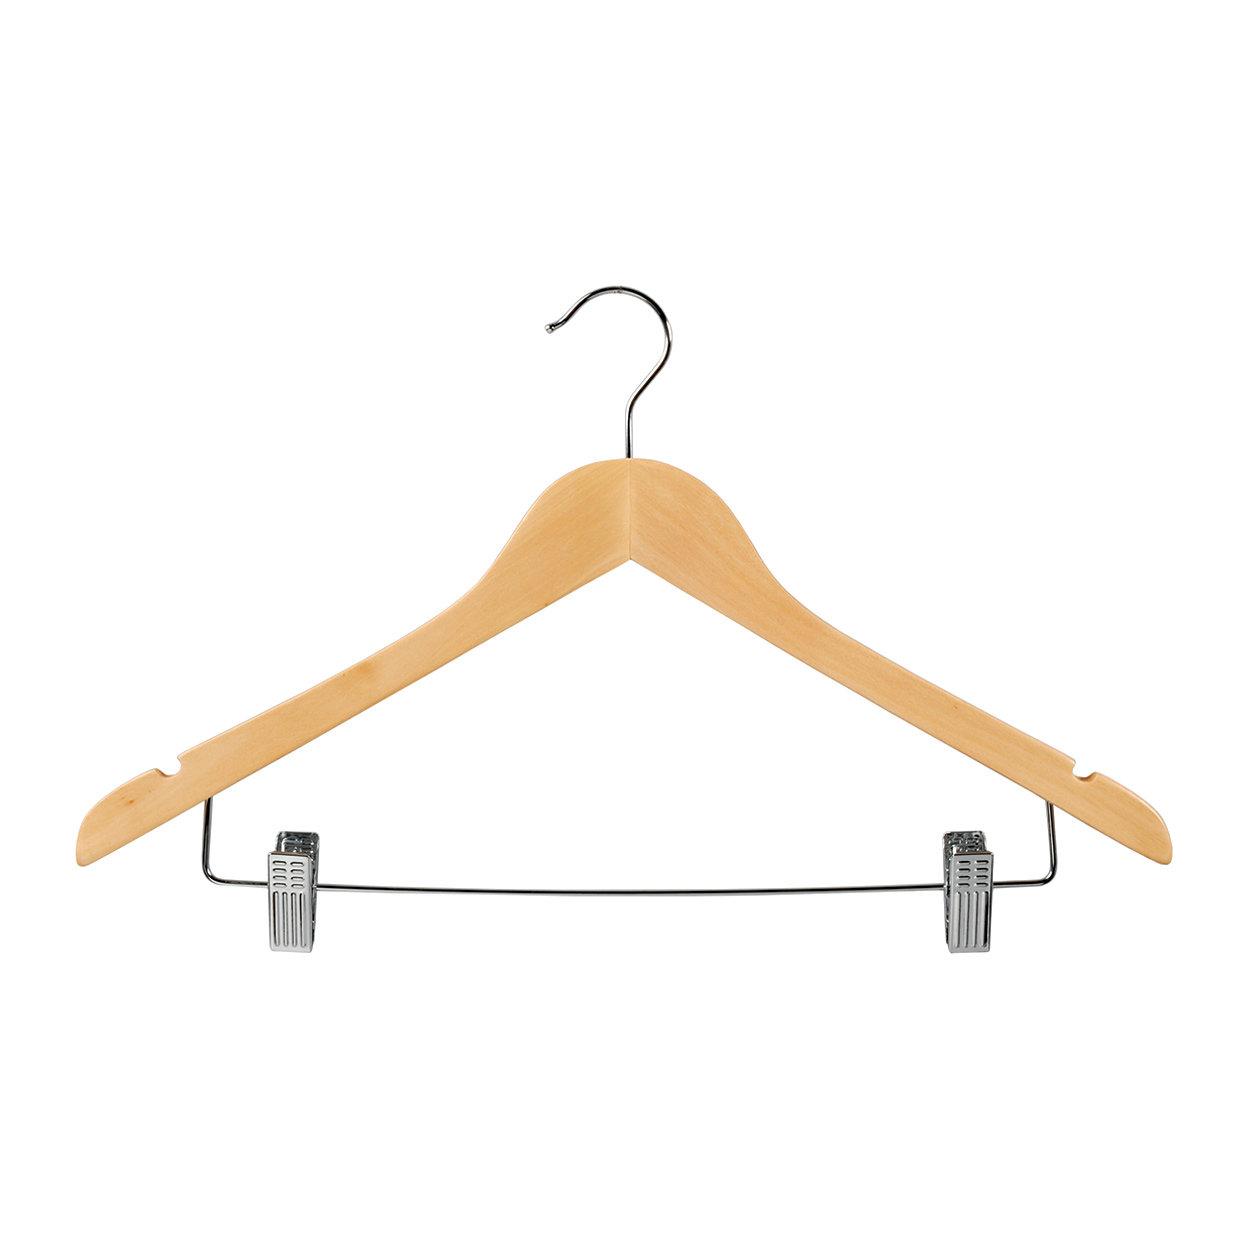 Executive Hanger